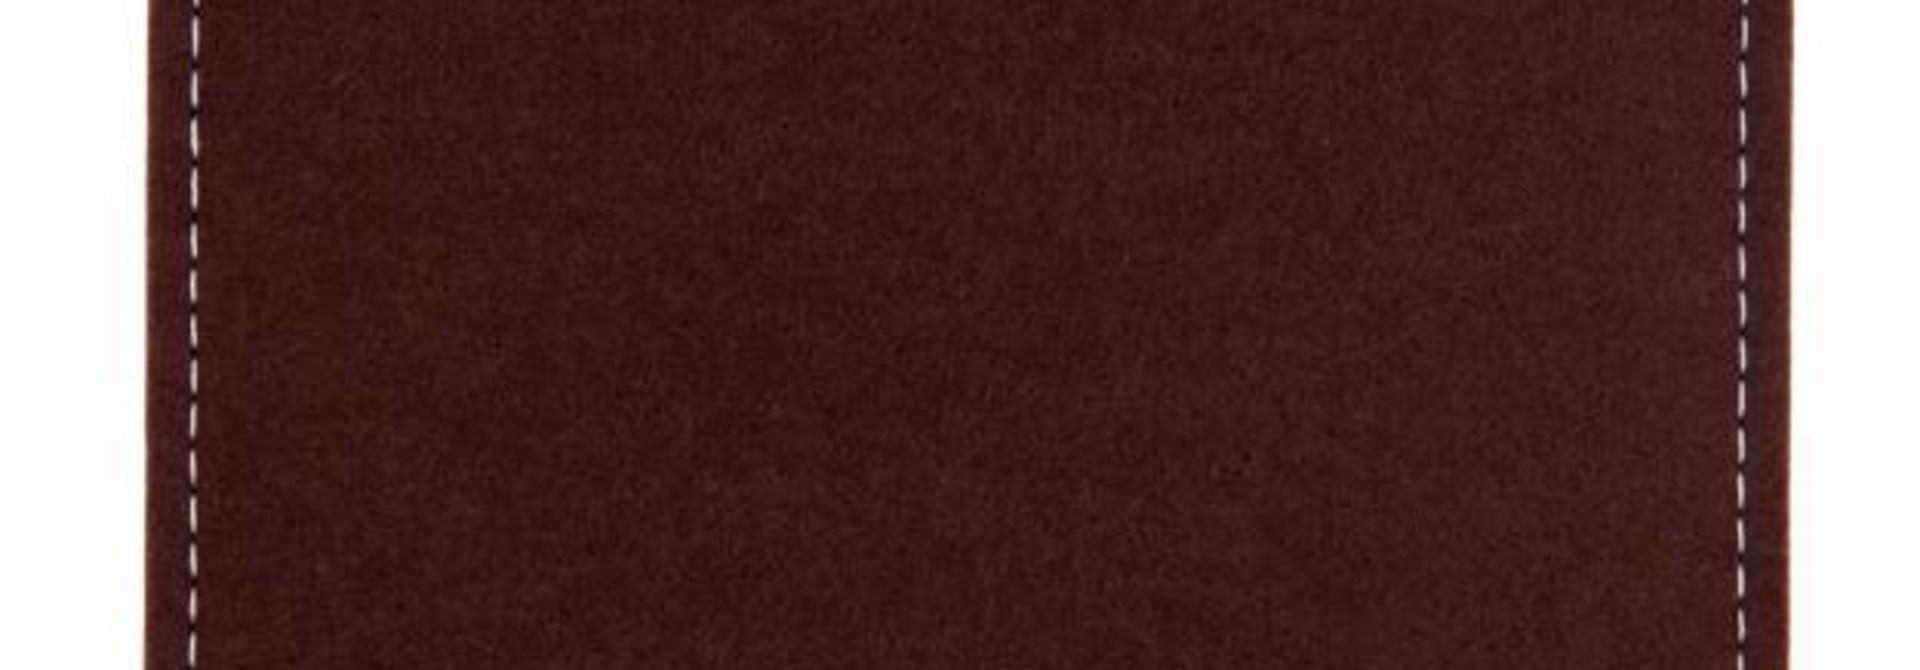 ZenBook Sleeve Dark-Brown